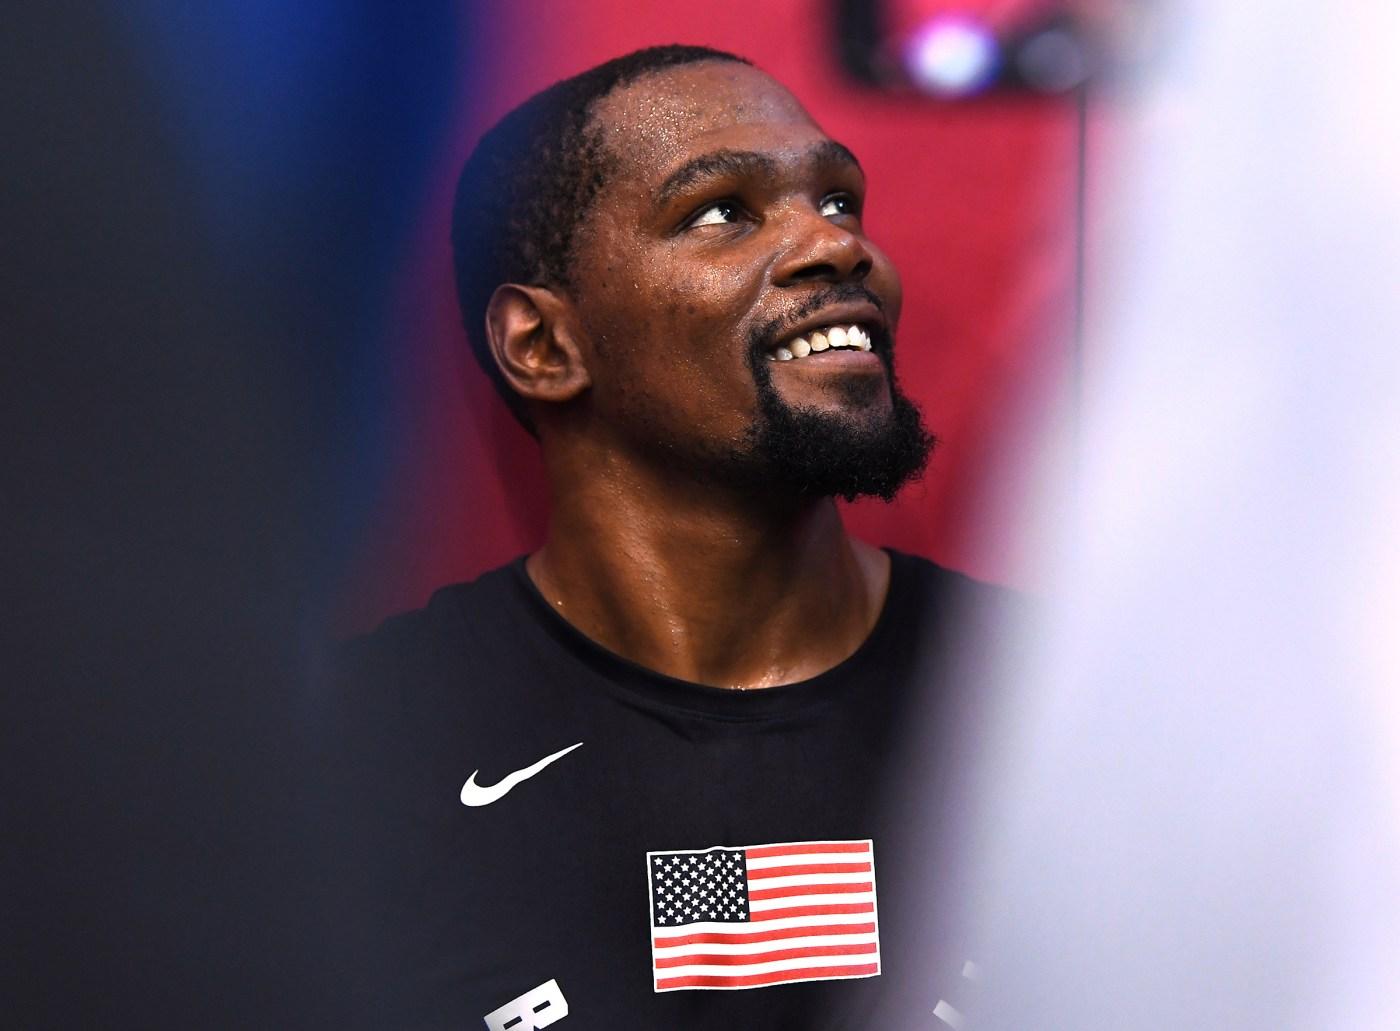 Bên cạnh Kobe Bryant và LeBron James, siêu sao NBA nào là nhà đầu tư tài ba trên thương trường? - Ảnh 3.